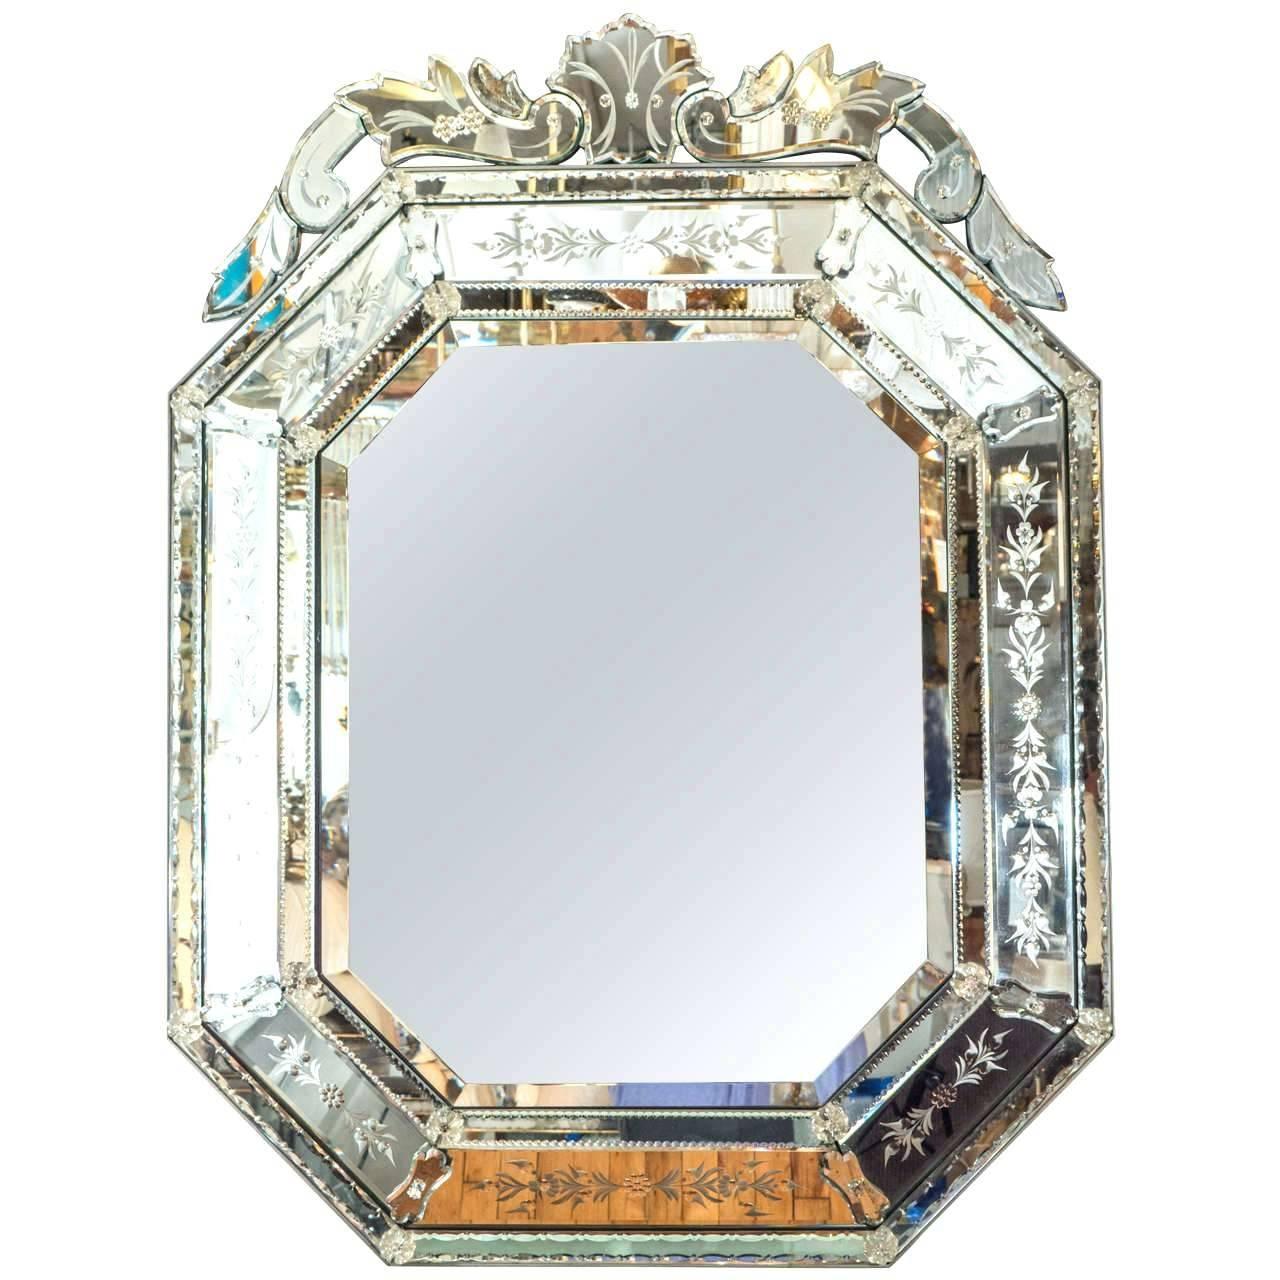 Sassari Venetian Wall Mirrorsmall Mirror Small Mirrors – Shopwiz pertaining to Venetian Heart Mirrors (Image 23 of 25)